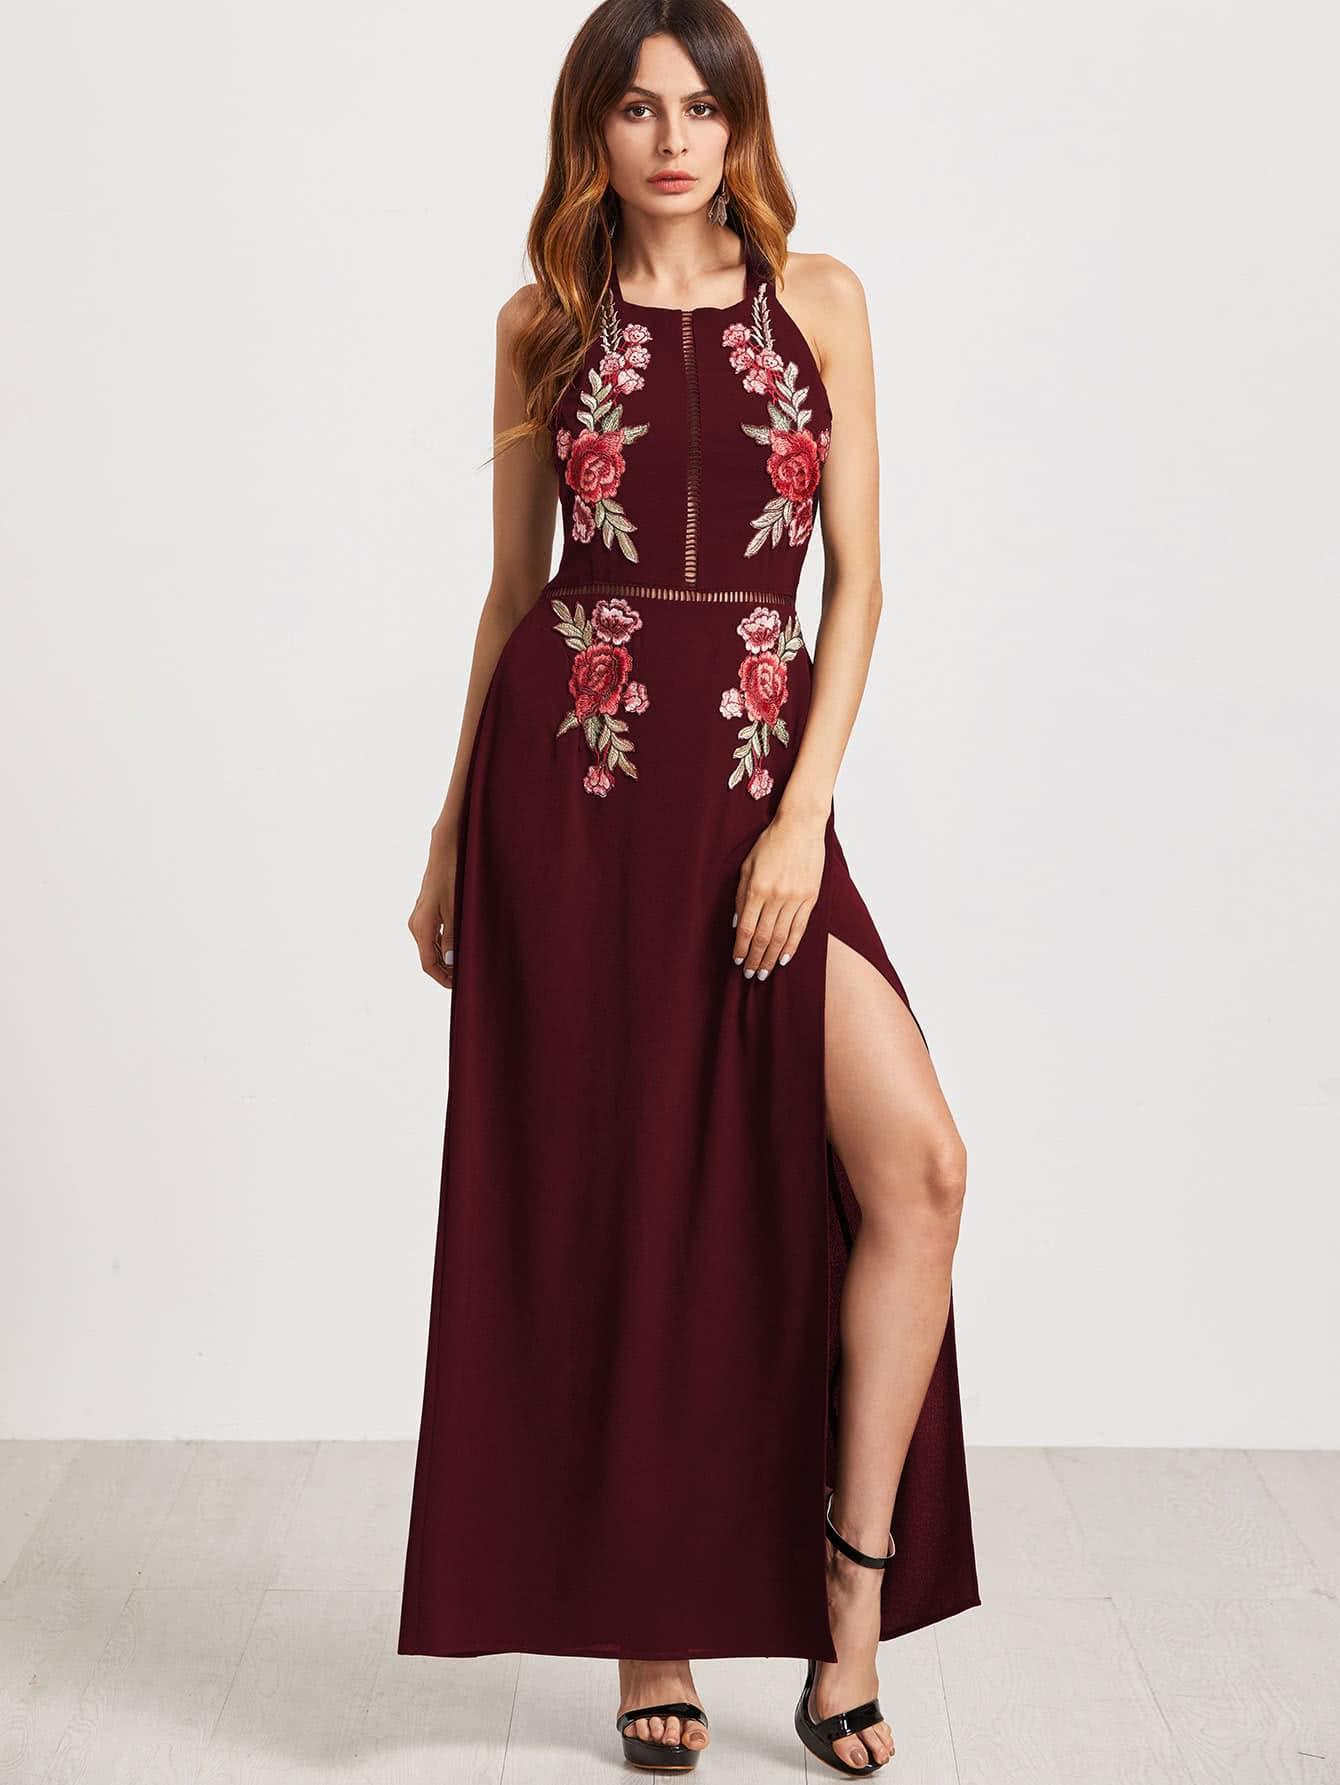 Kleid mit Stickereien, Rose Applikation und hohem Schlitz